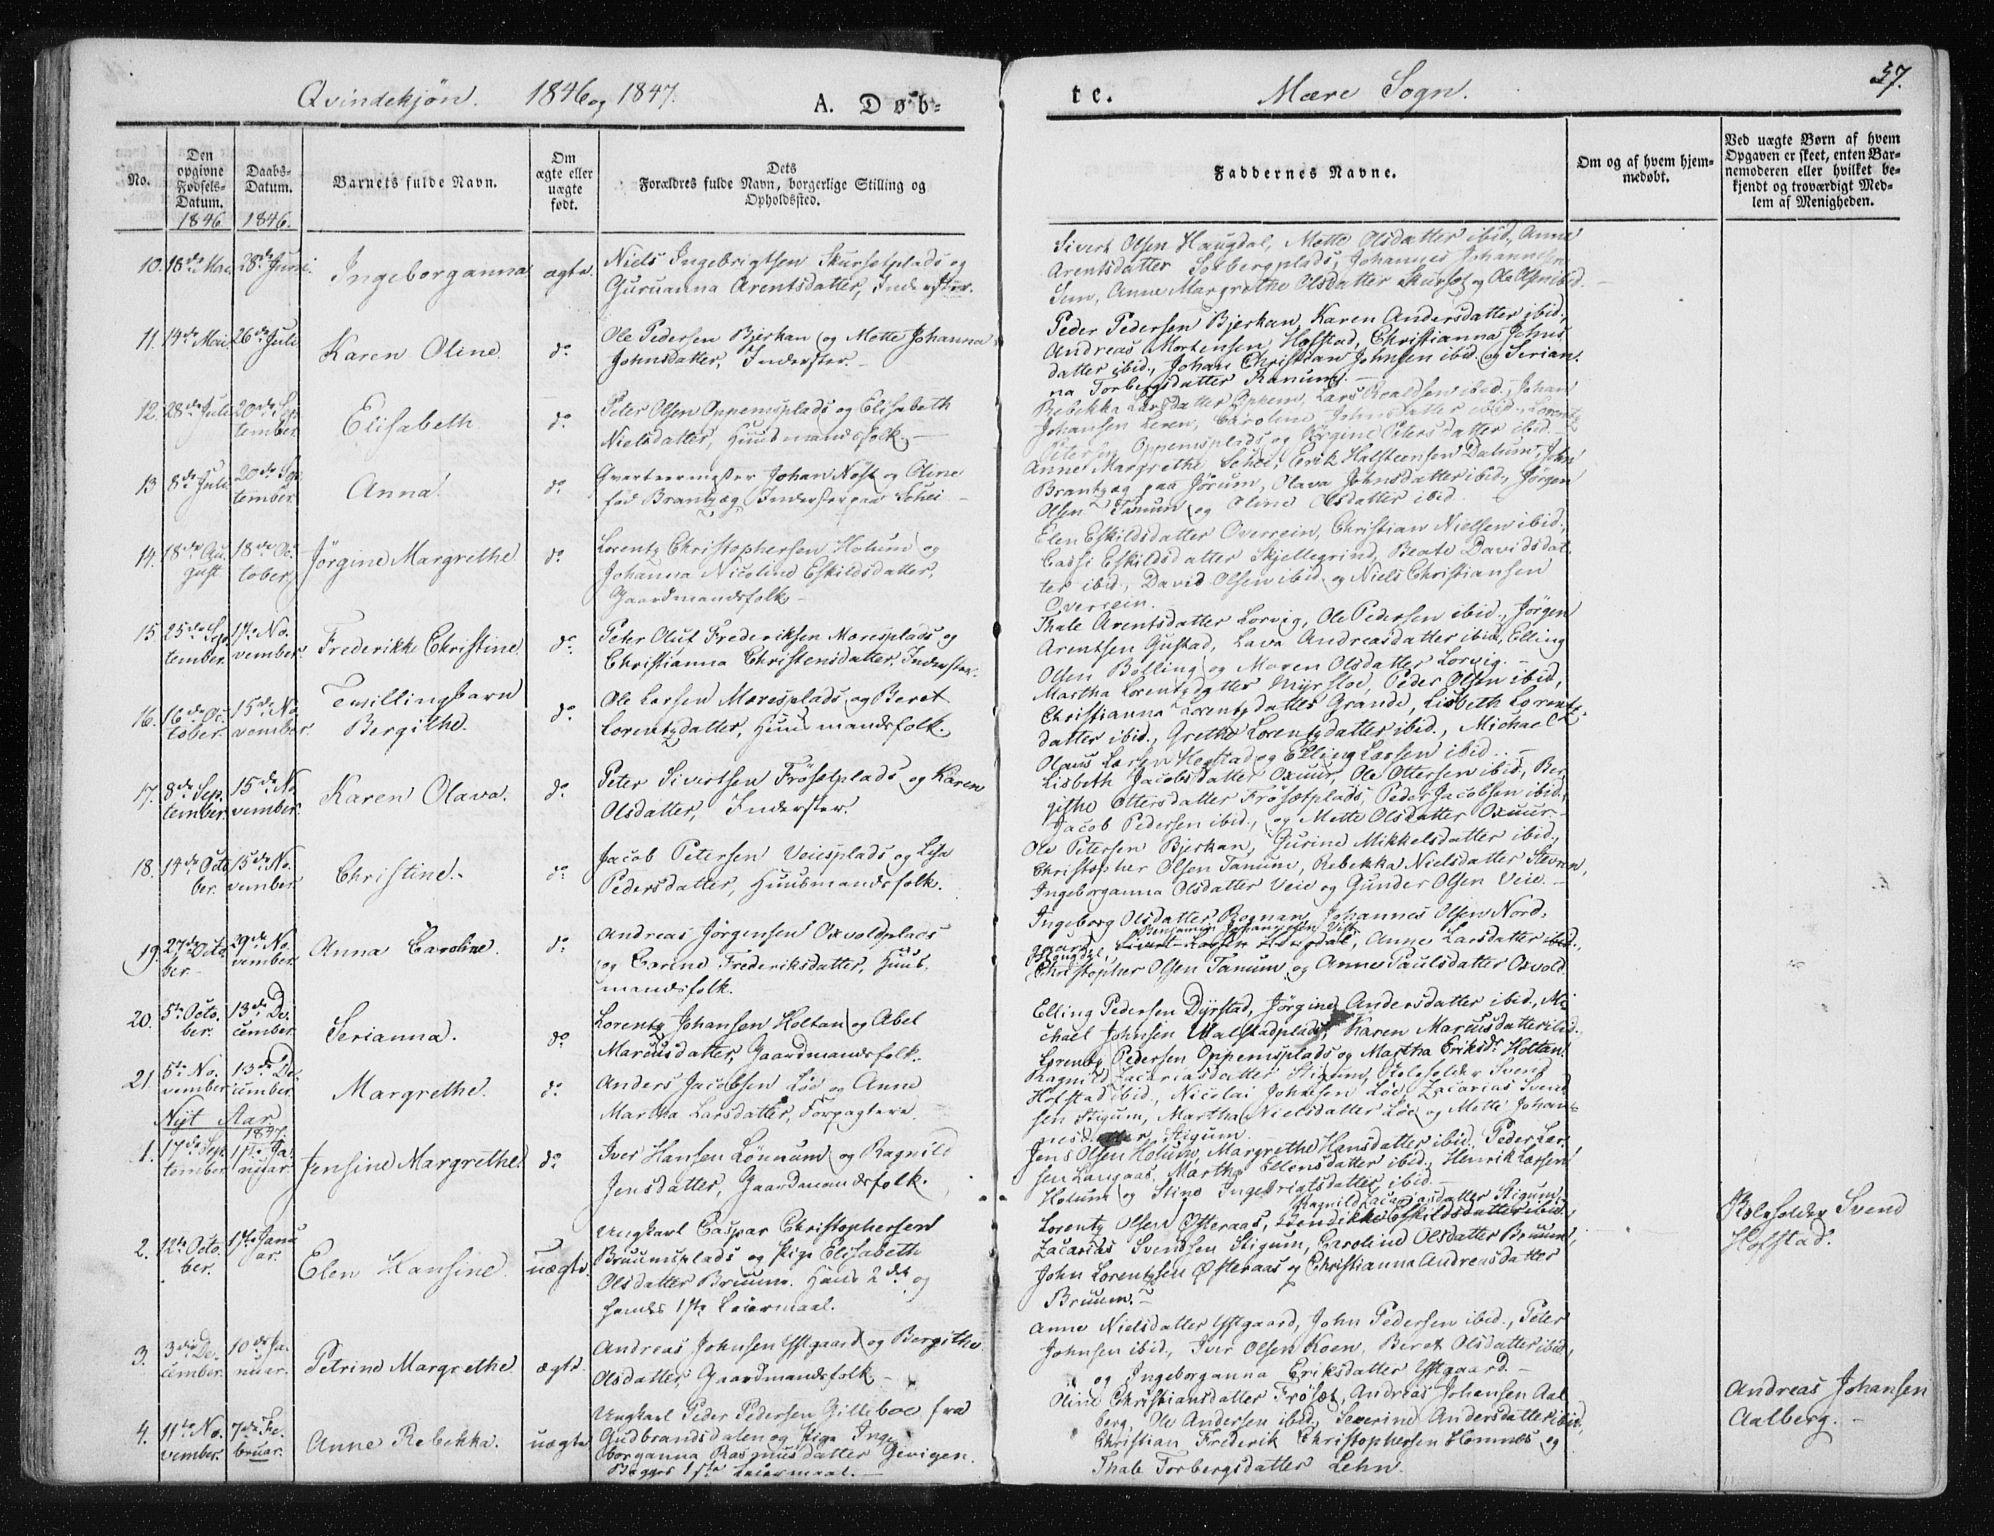 SAT, Ministerialprotokoller, klokkerbøker og fødselsregistre - Nord-Trøndelag, 735/L0339: Ministerialbok nr. 735A06 /1, 1836-1848, s. 57